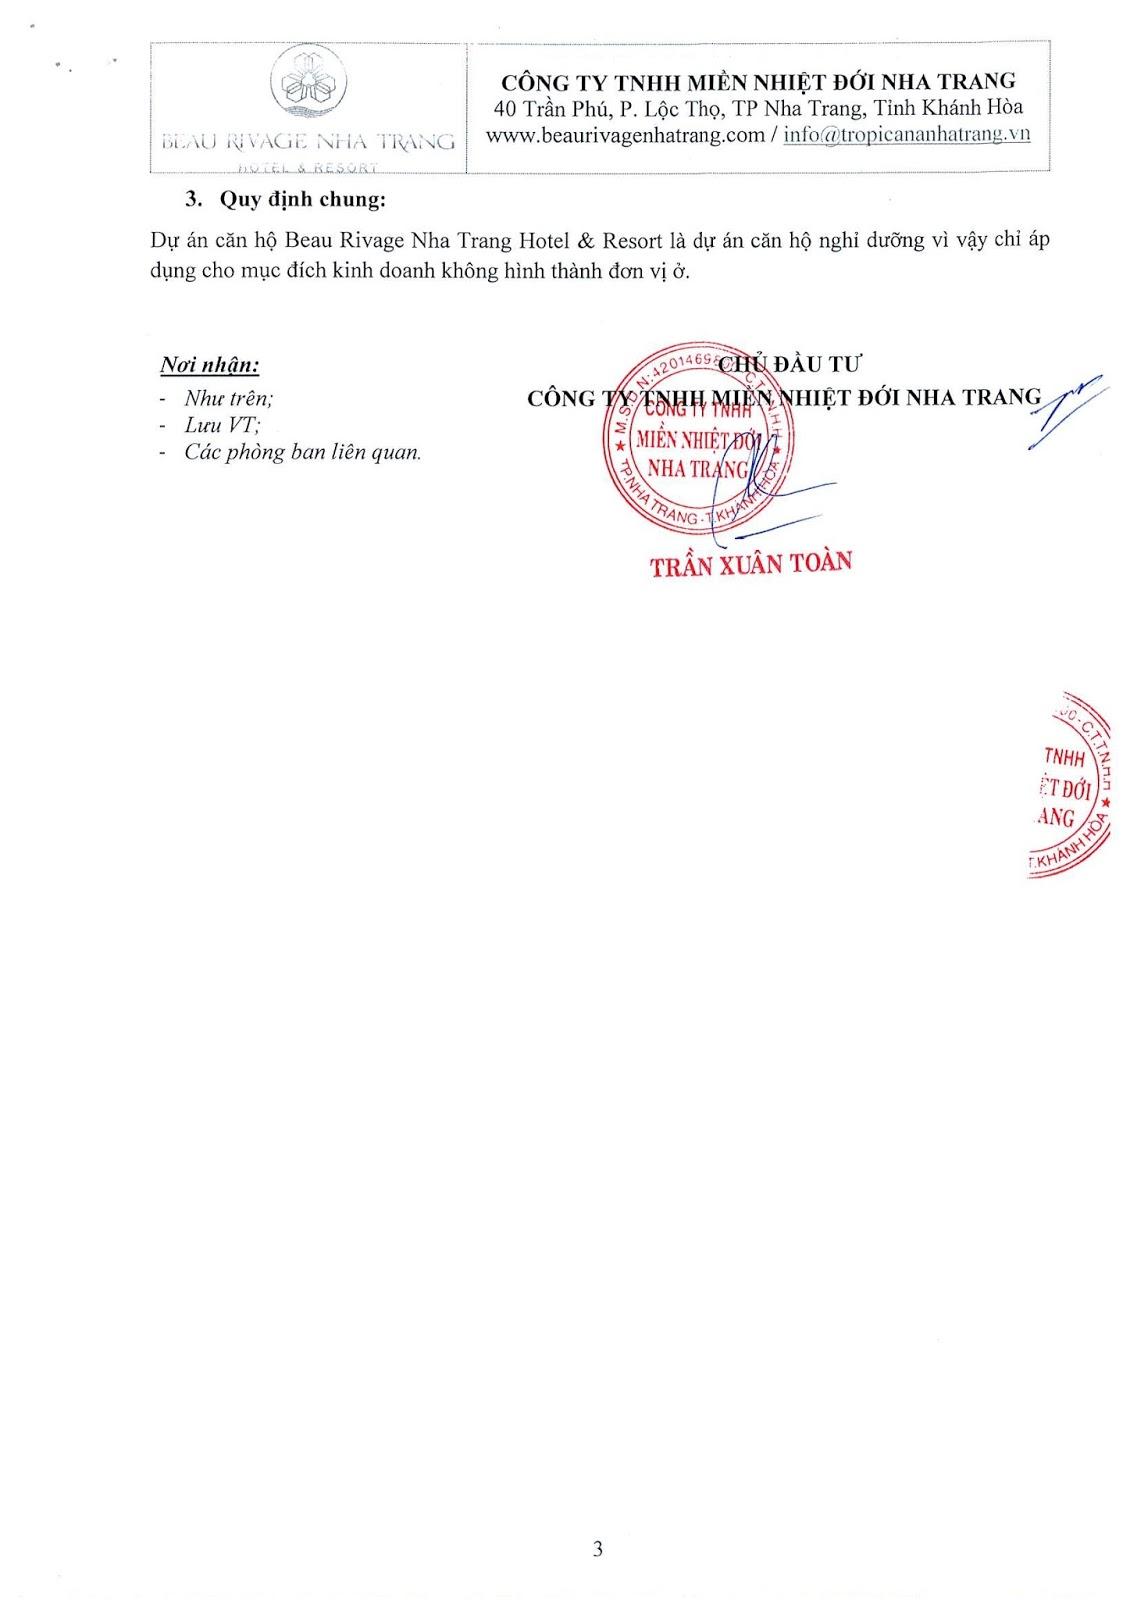 Chính sách ưu đãi khi mua Beau Rivage Trần Phú